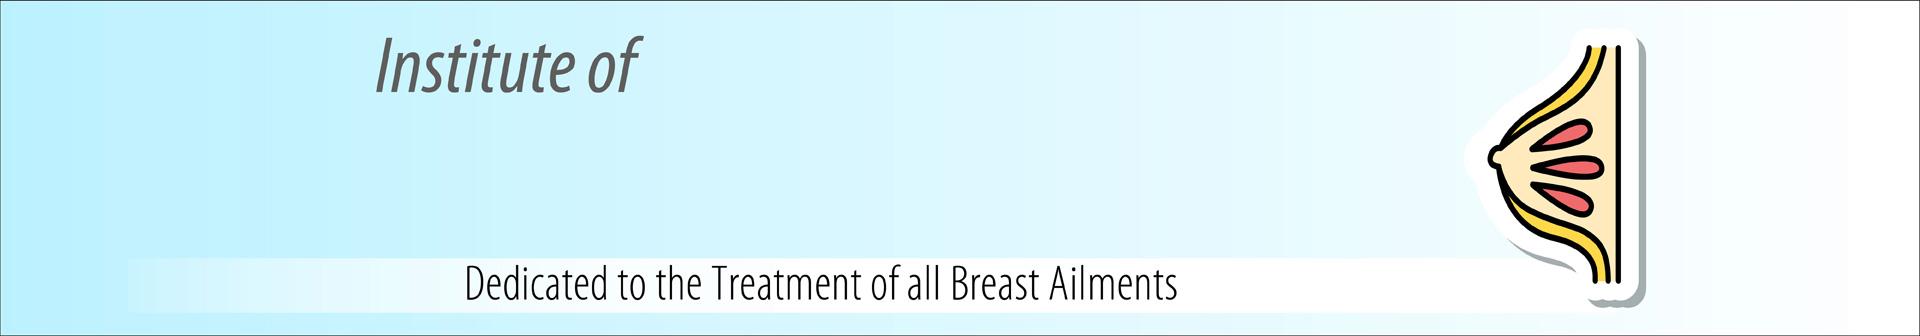 Breast Diseases Institute